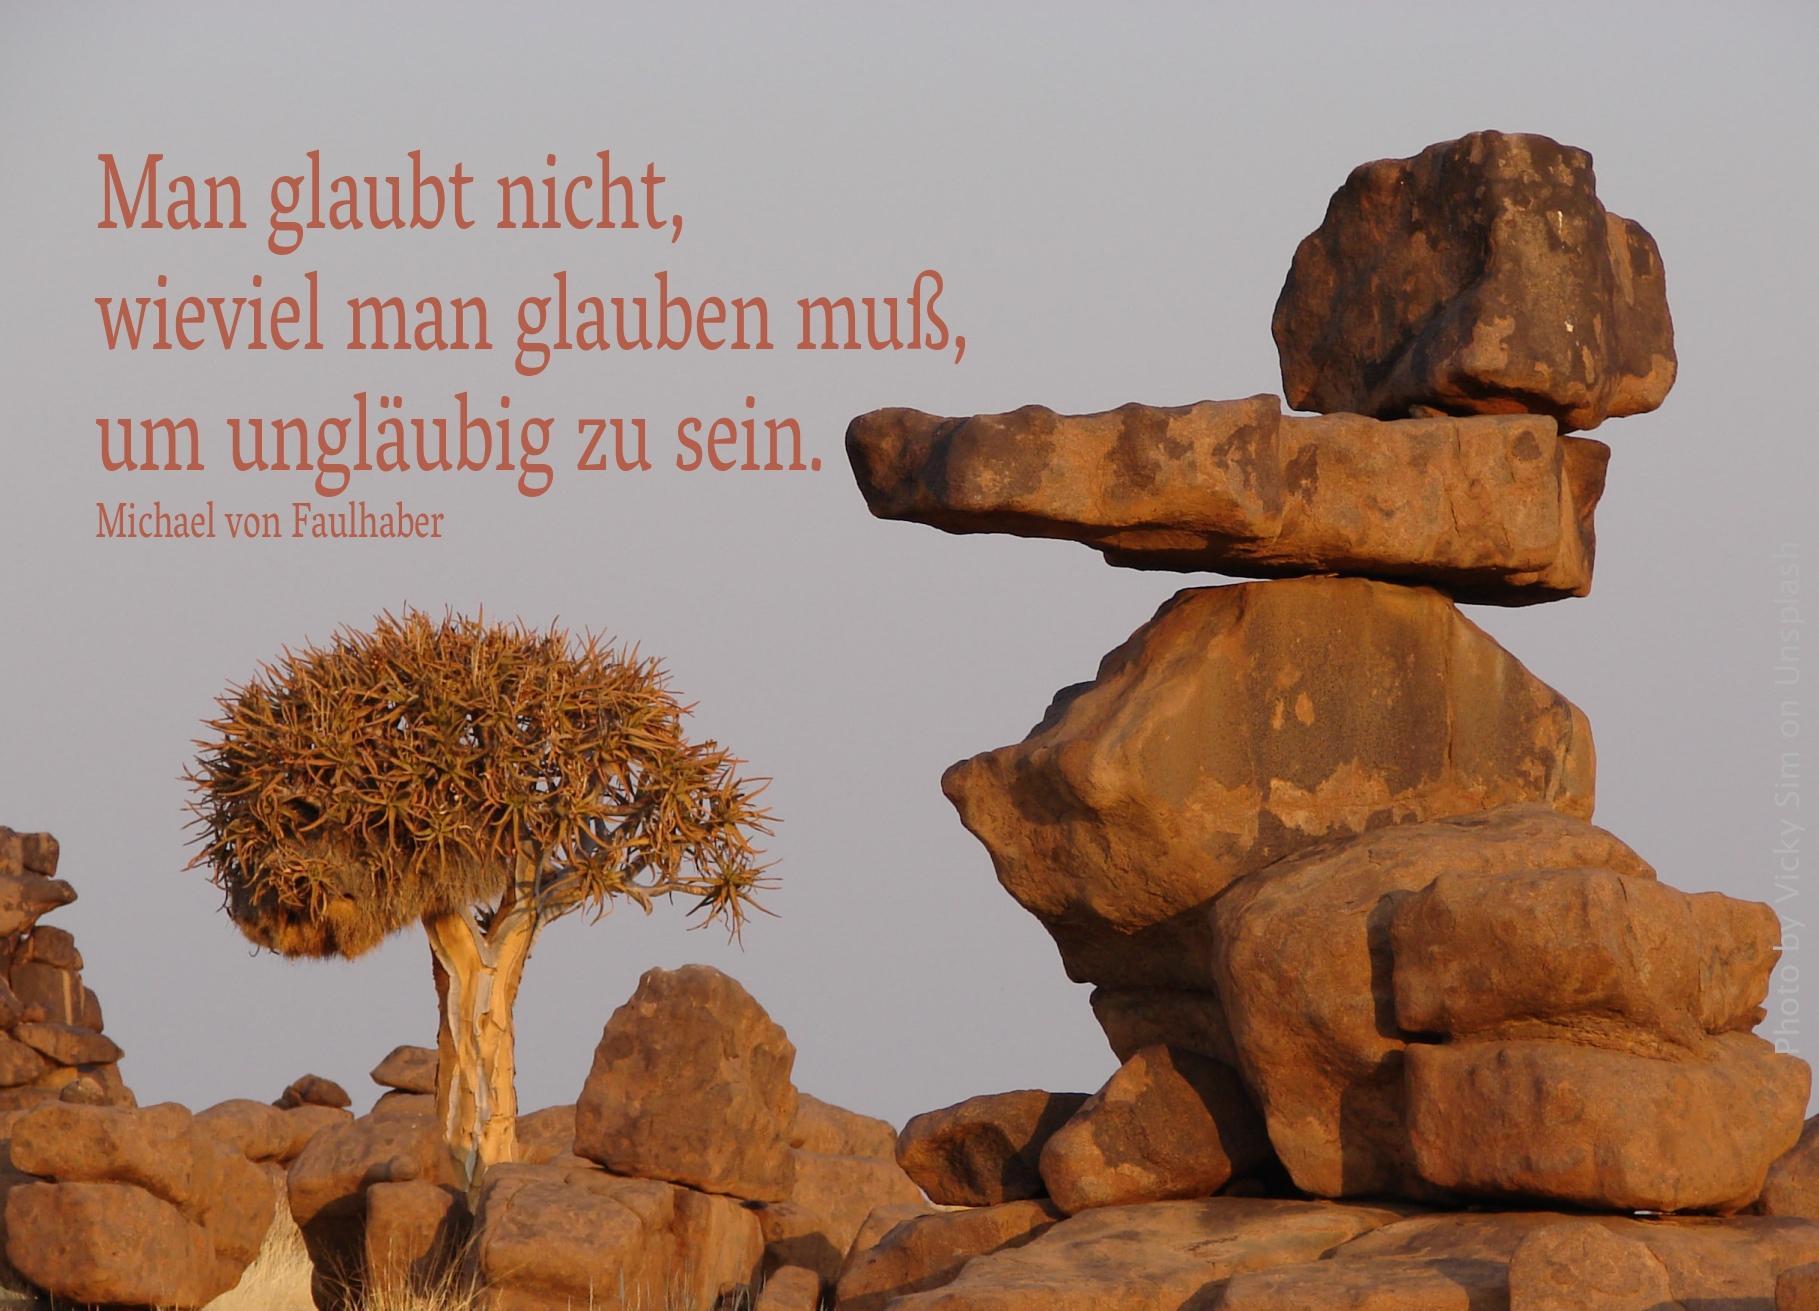 Aufeinander liegende Felsen in der Steppe mit Dornenbaum